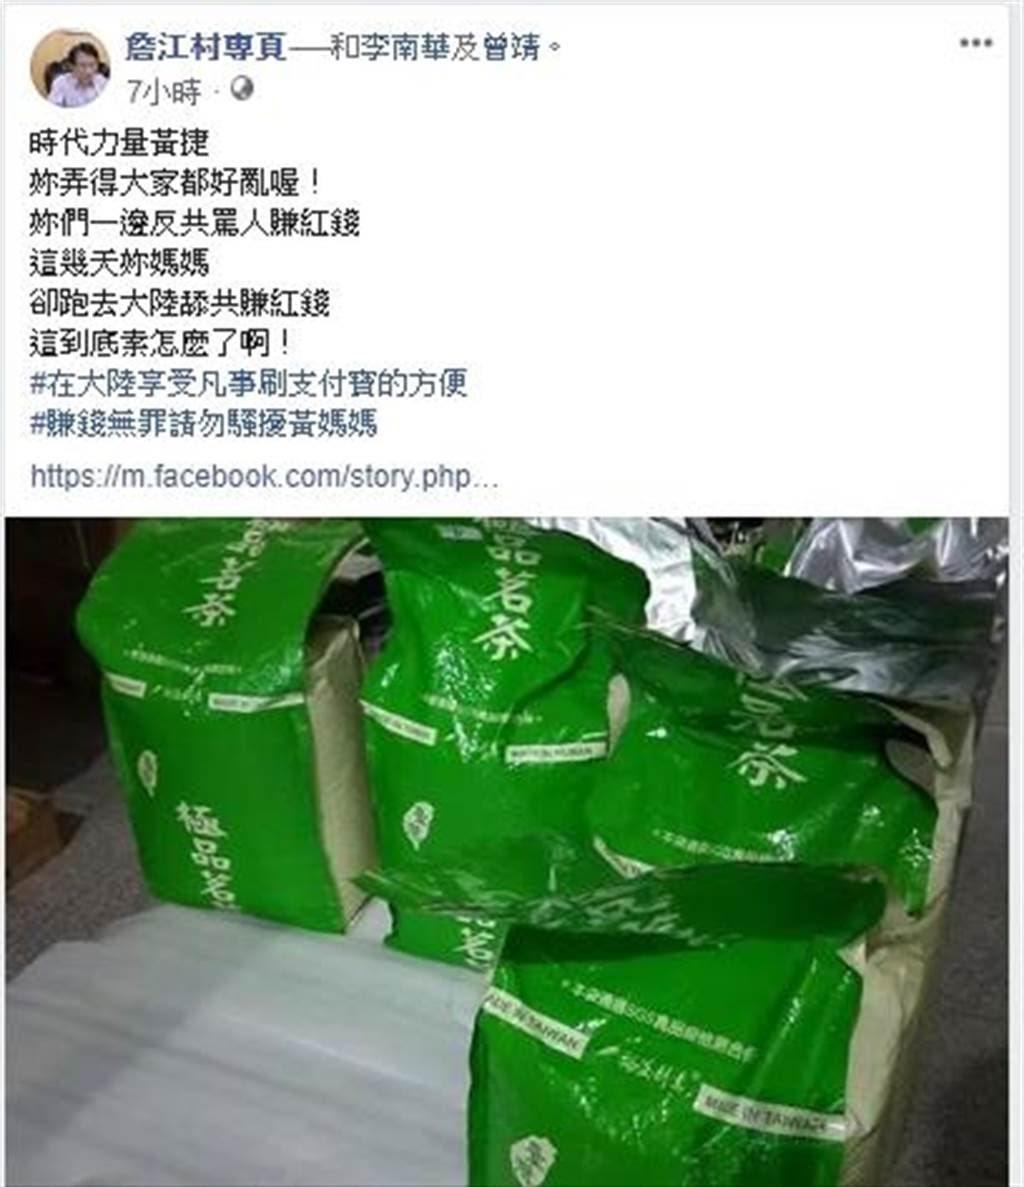 詹江村踢爆黃捷母親在陸經商。(圖/翻攝自詹江村臉書)